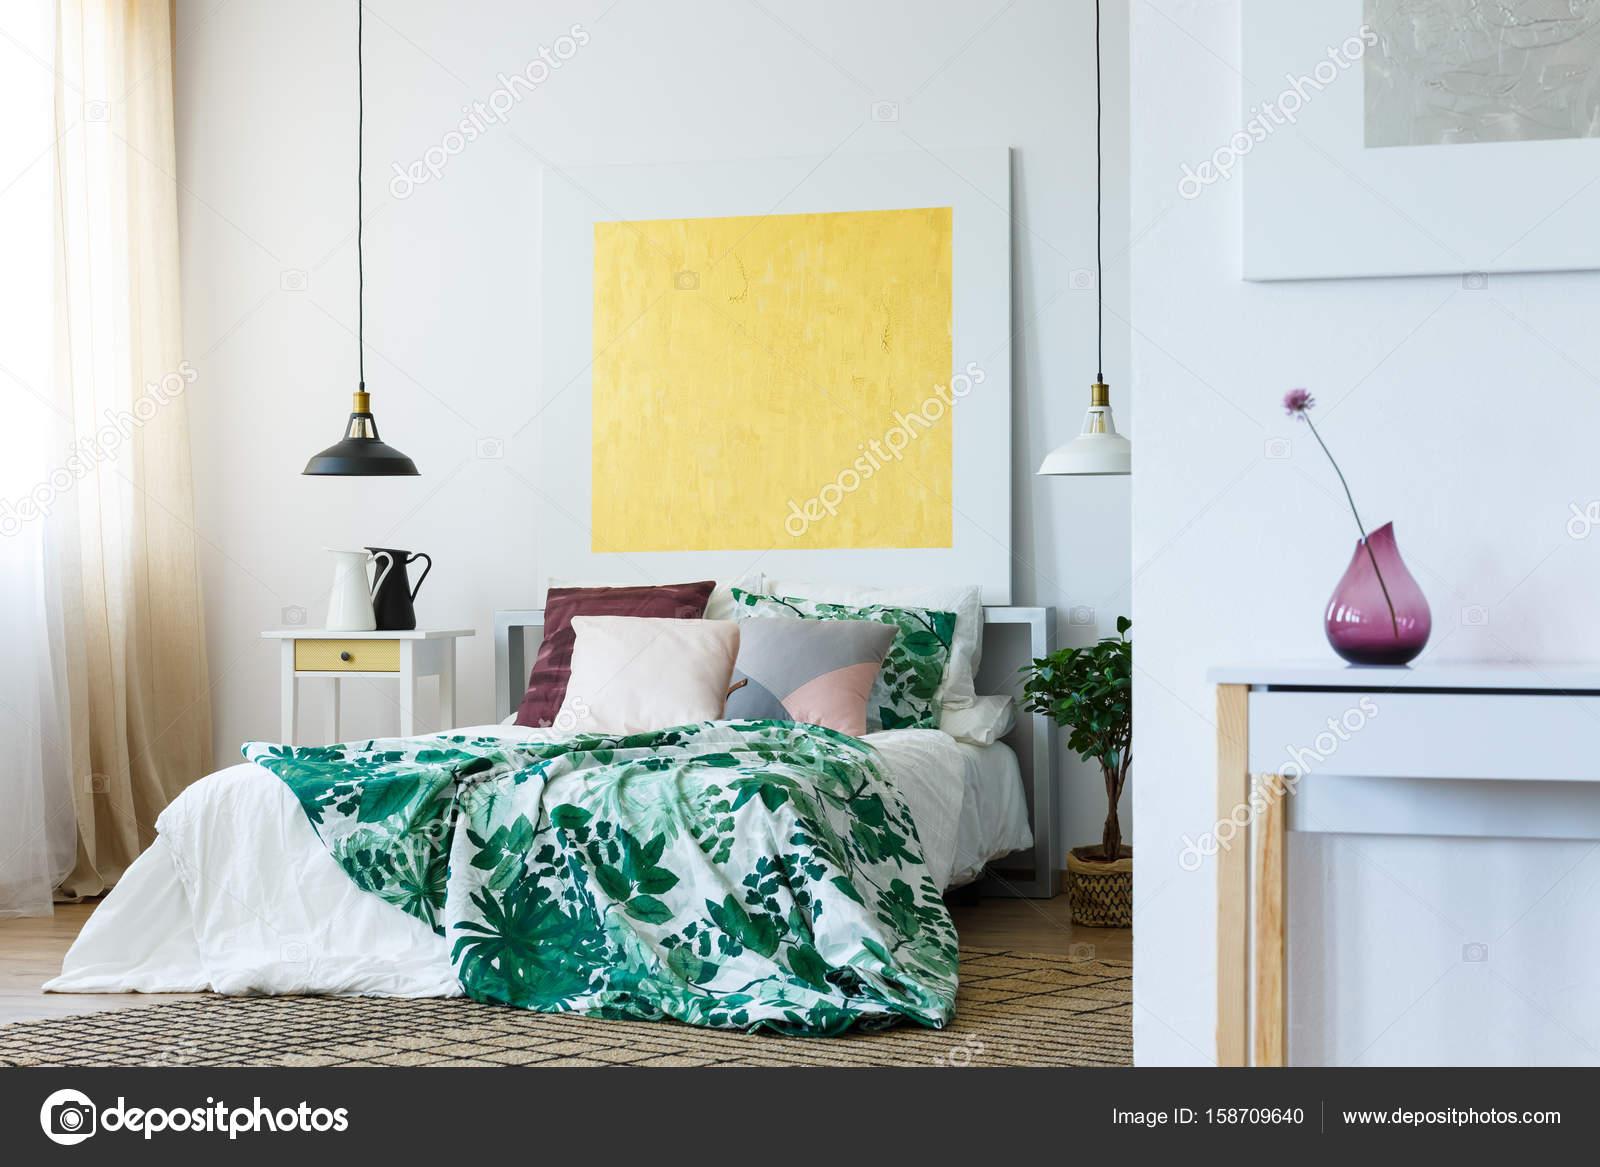 Trendy slaapkamer met schilderen u stockfoto photographee eu